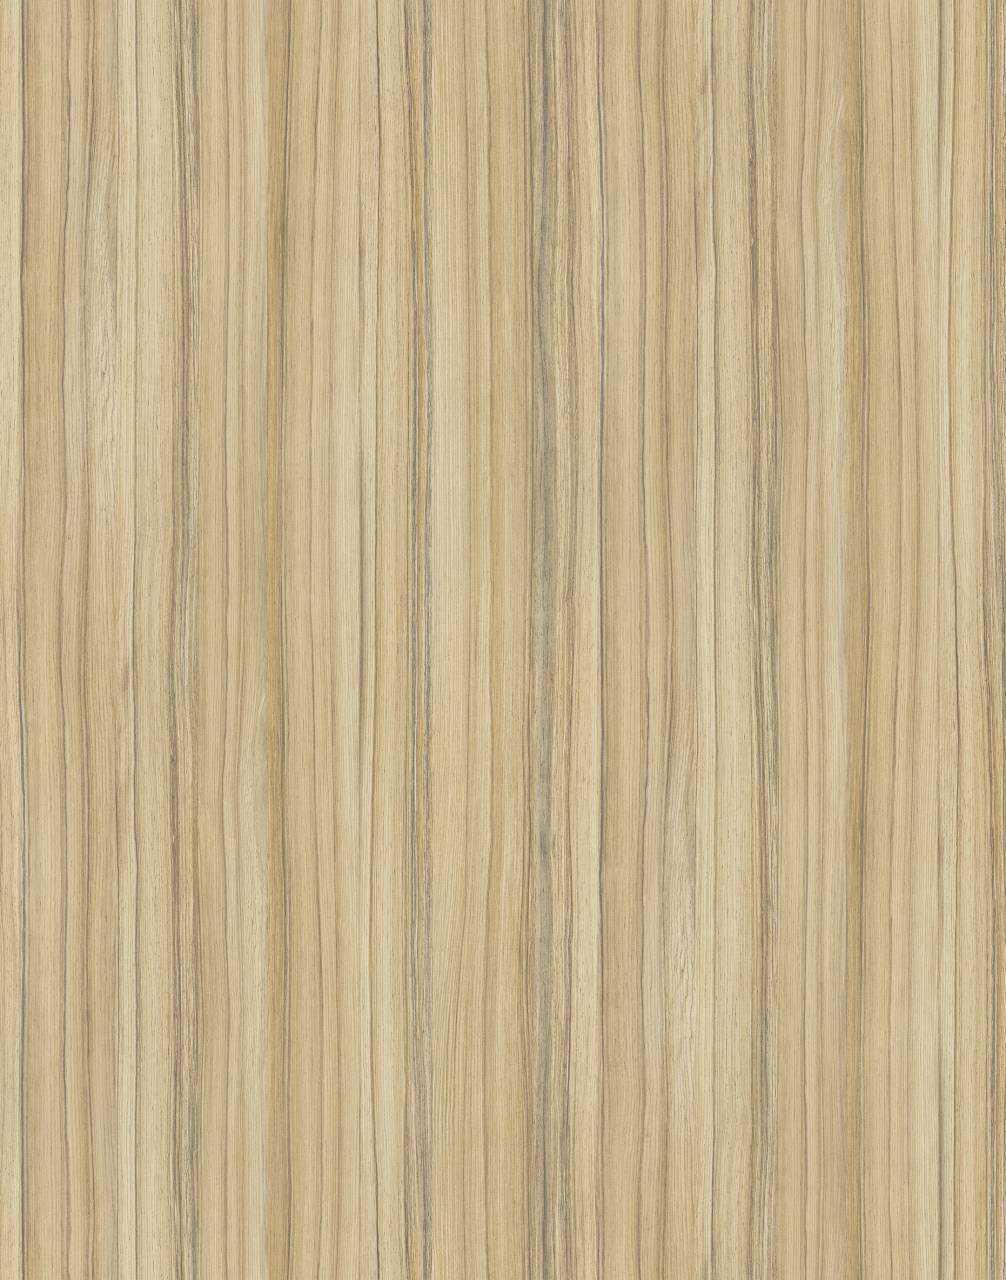 8995 Coco Bolo (MF PB sample)